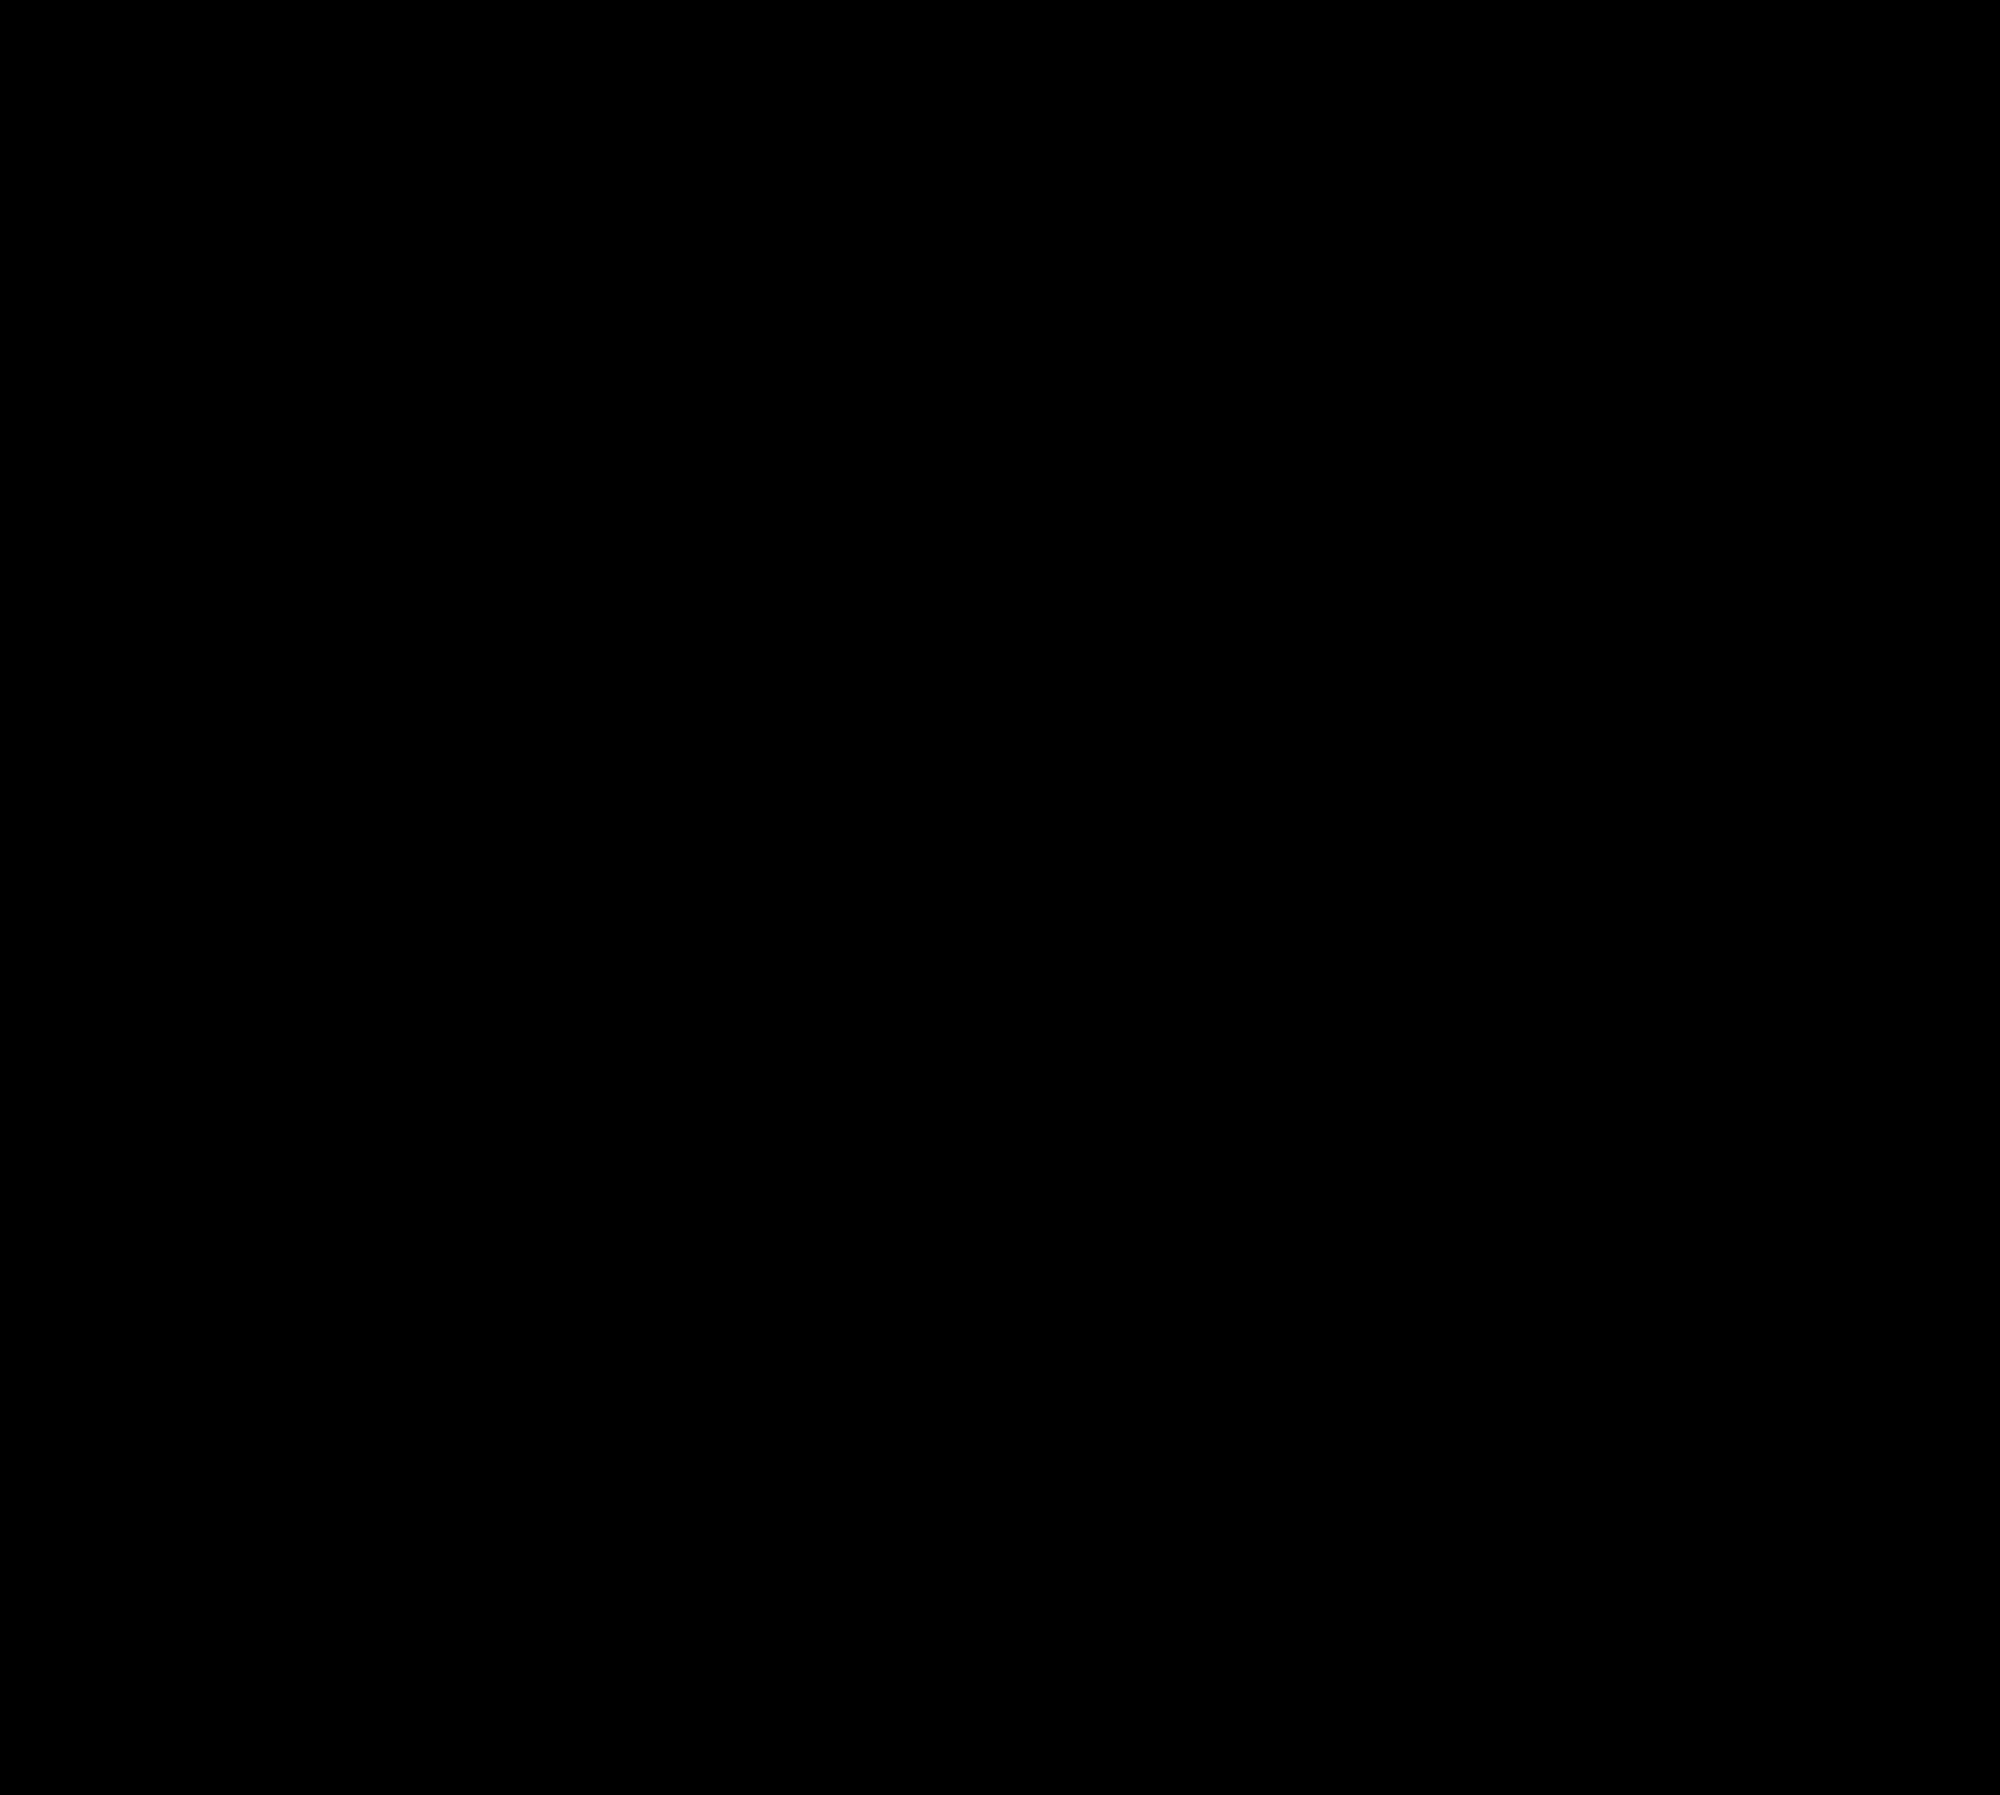 Колючая проволока PNG